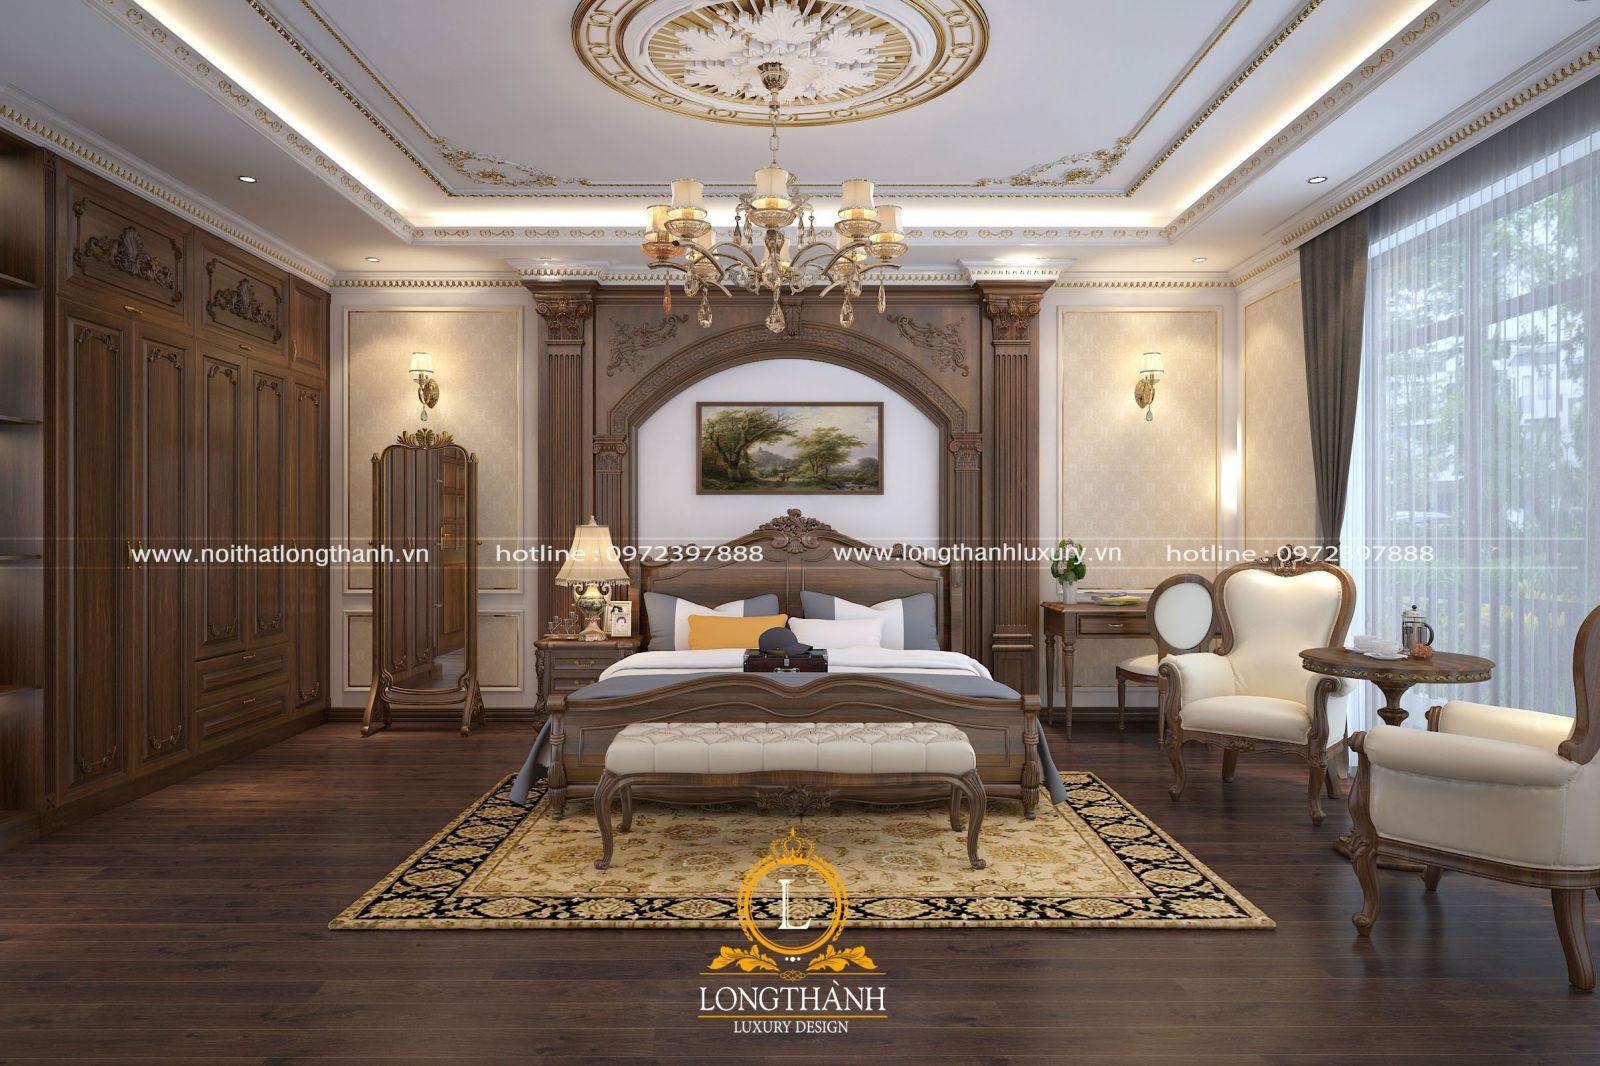 Phòng ngủ cao cấp được bố trí nội thất tiện nghi